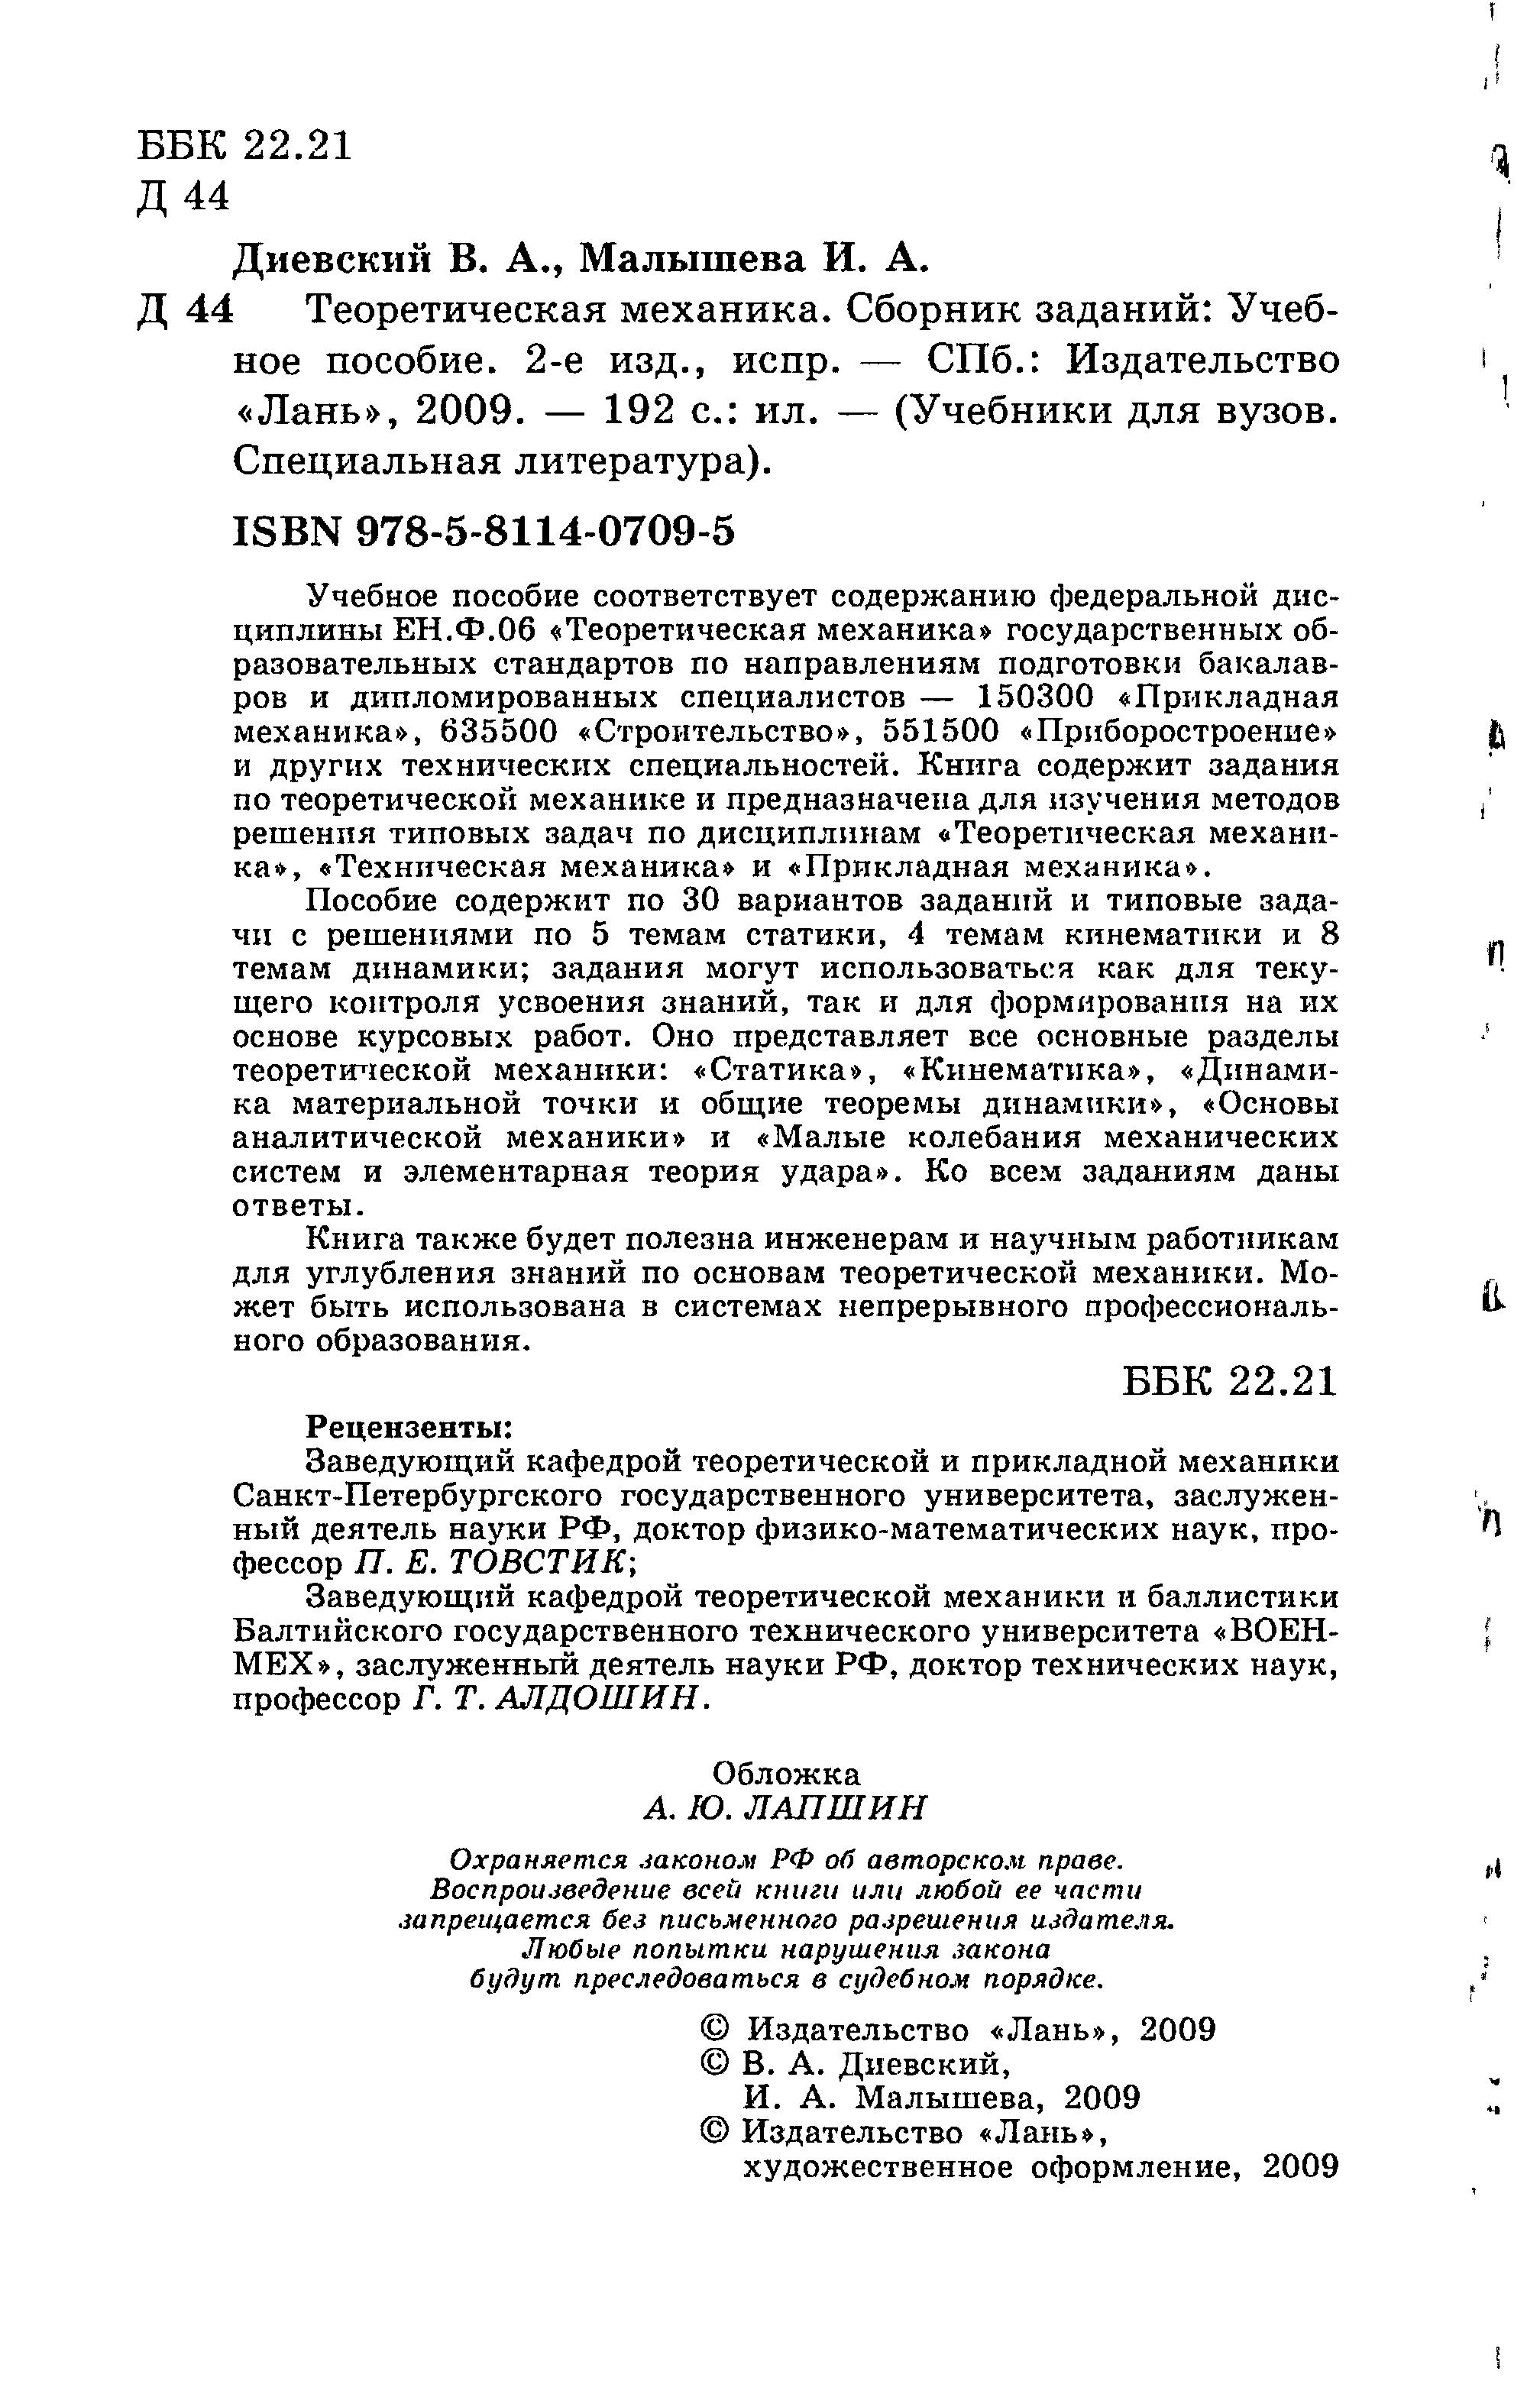 Теоретическая механика сборник заданий в.а. диевский, малышева решебник